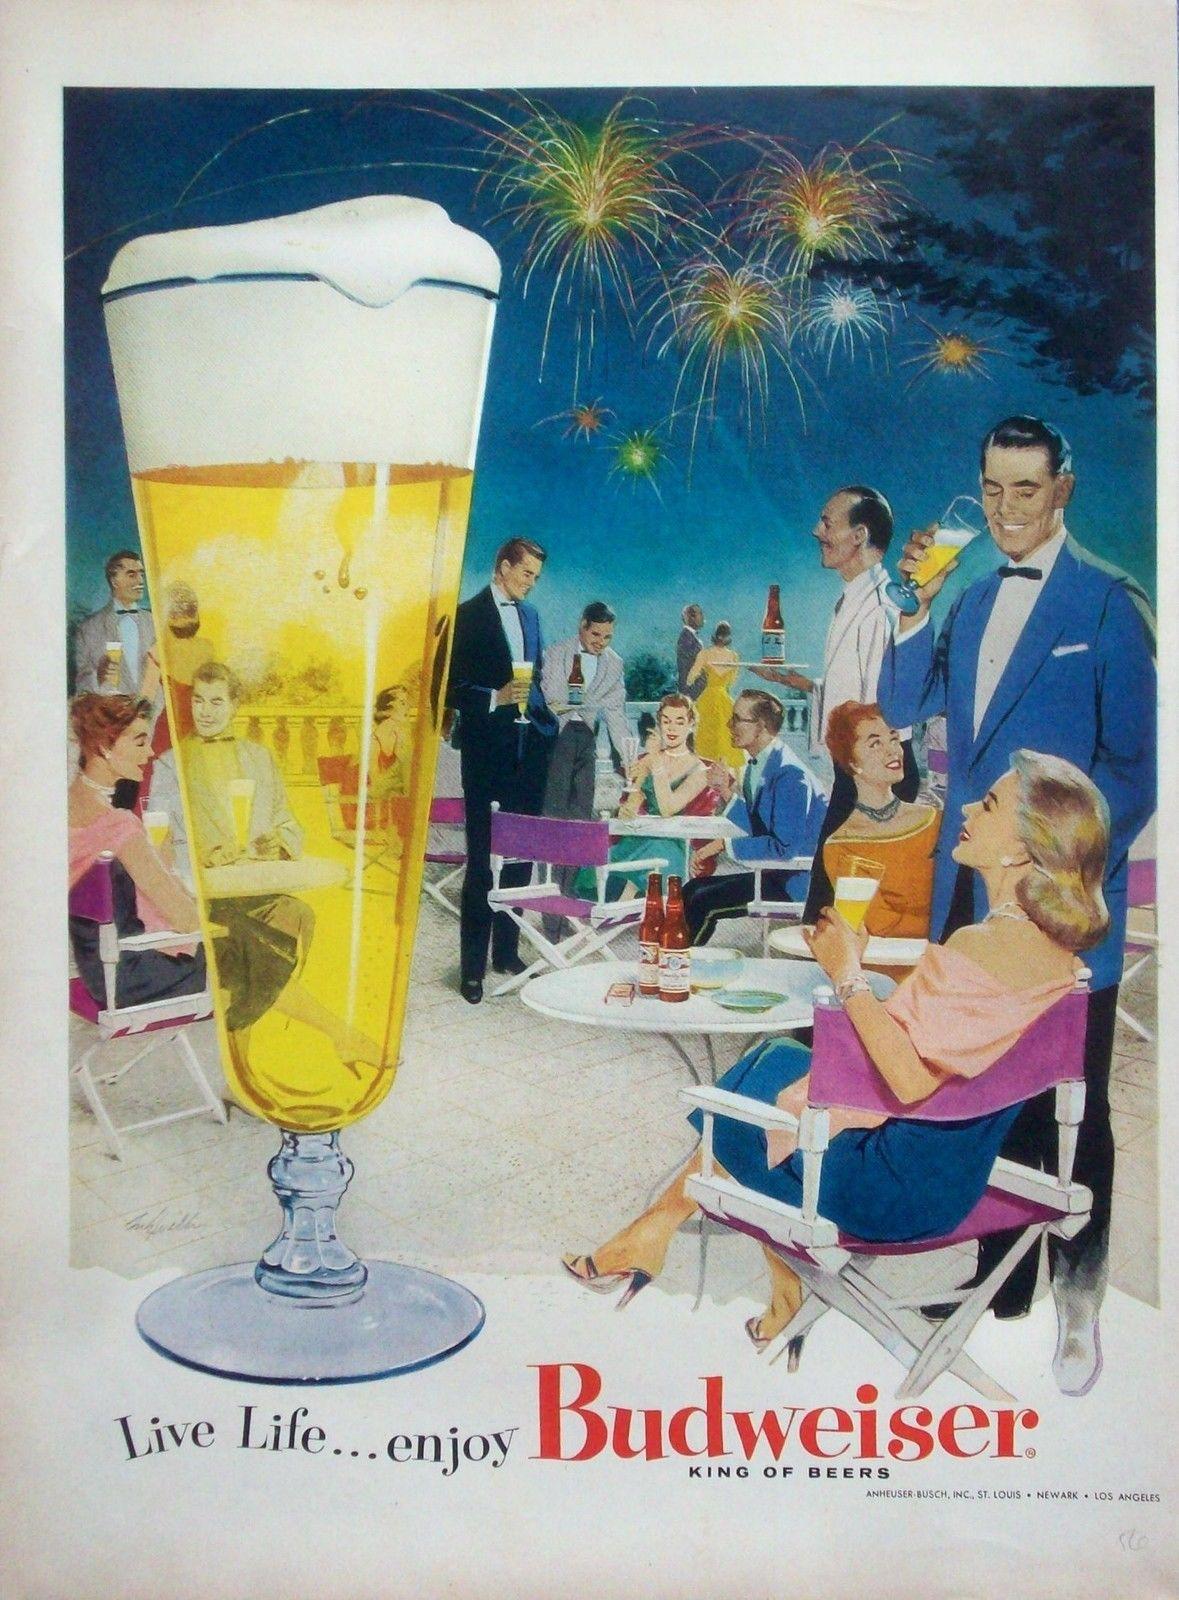 Budweiser, 1956